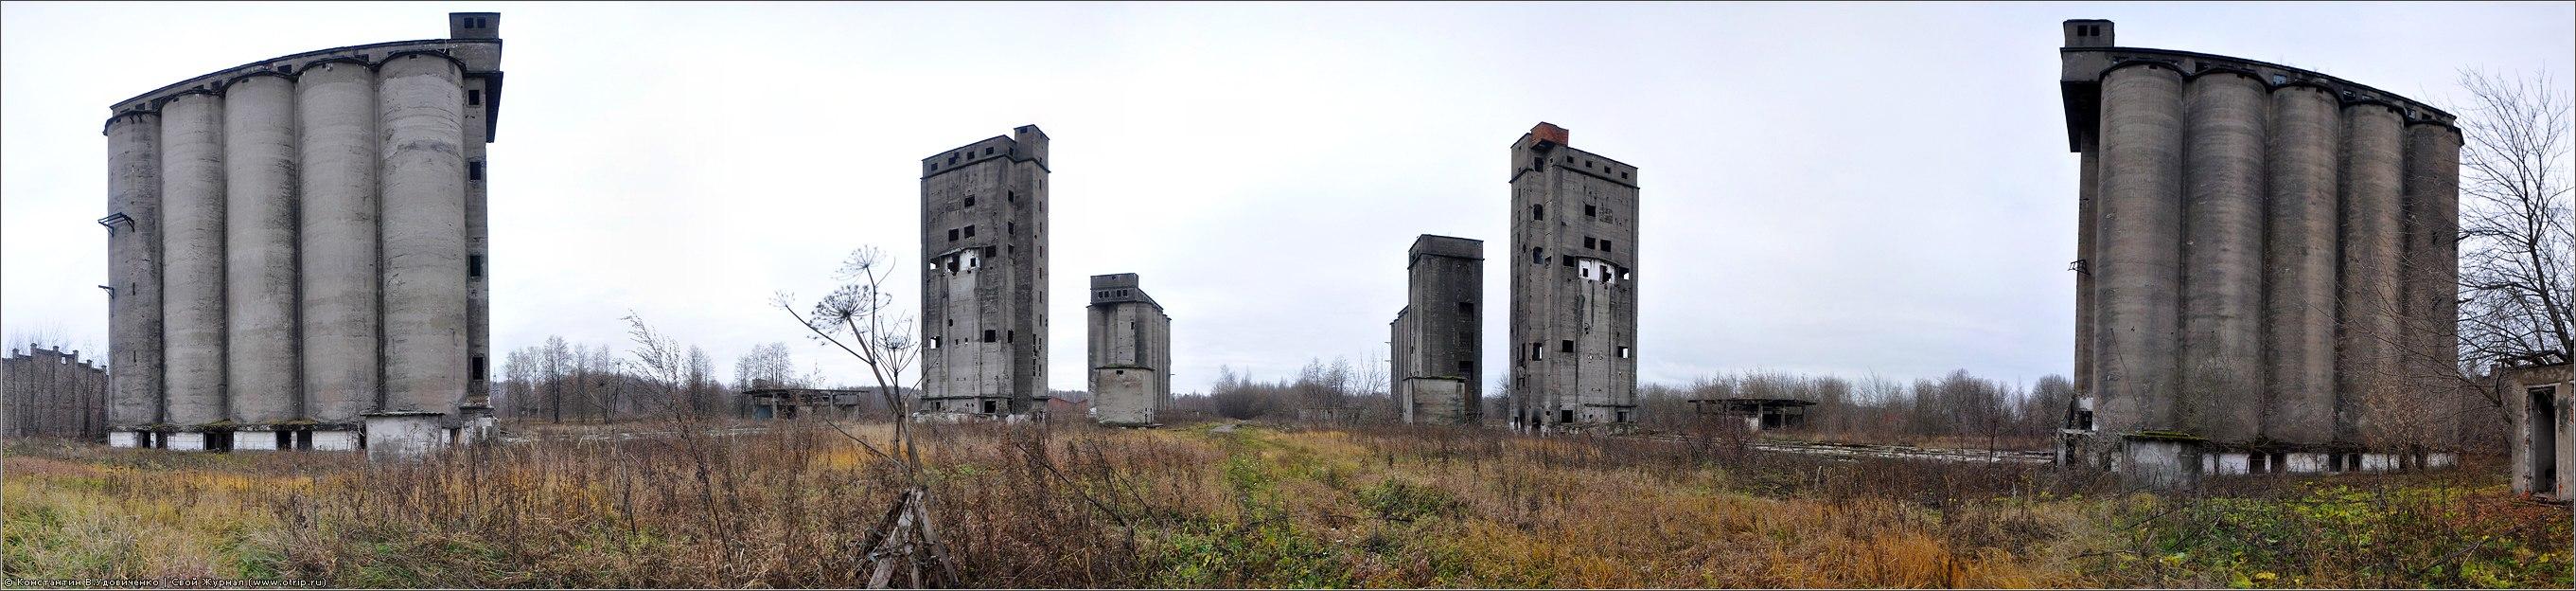 1234-1250-18758x4317s_2.jpg - Заброшенные элеваторы, Ярославль (06.11.2010)